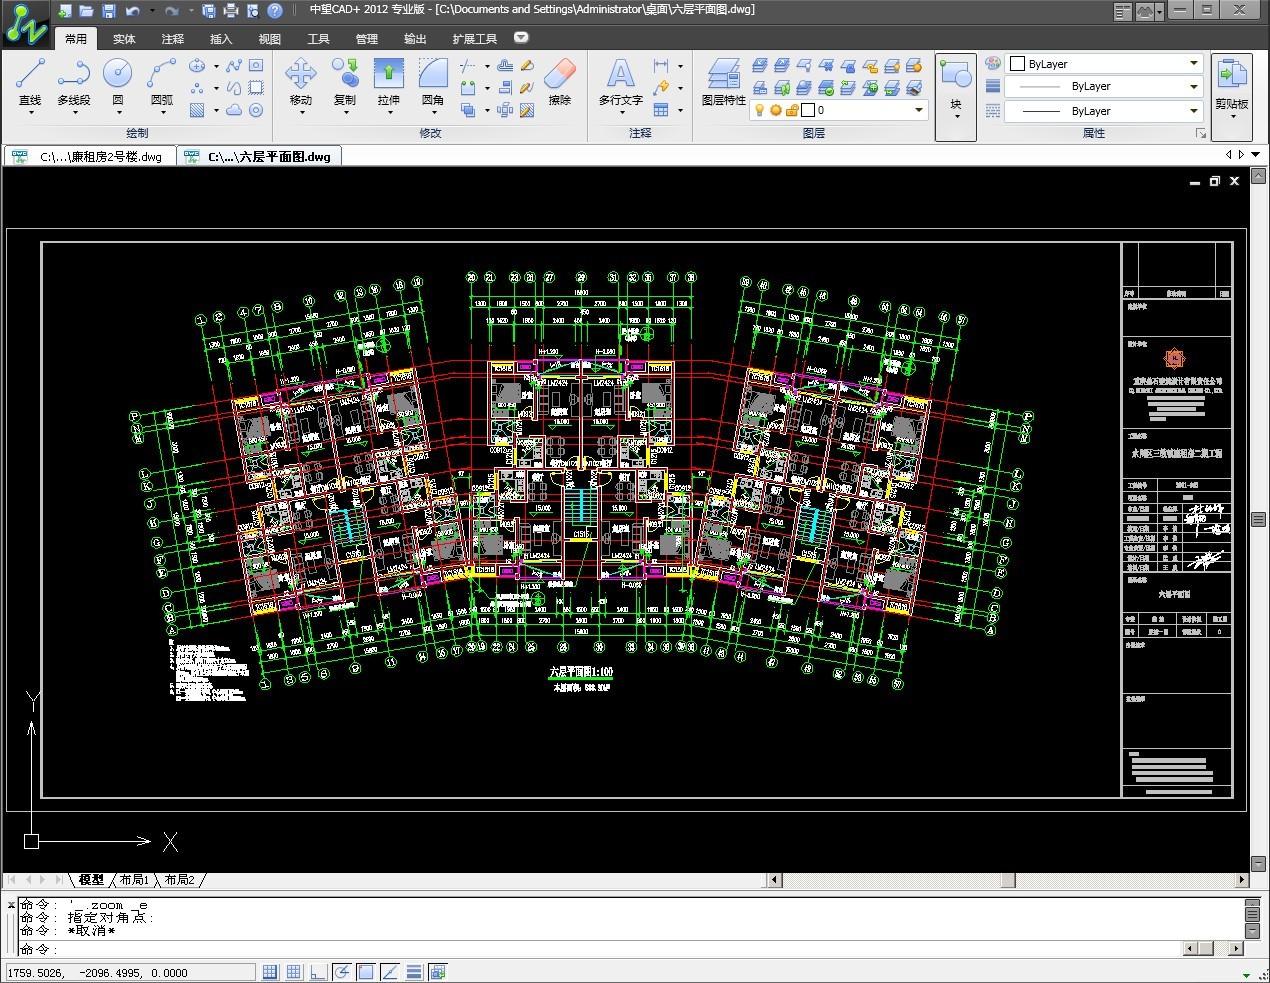 天正建筑绘图软件_天正建筑绘图软件_天正建筑手机绘图软件中文版